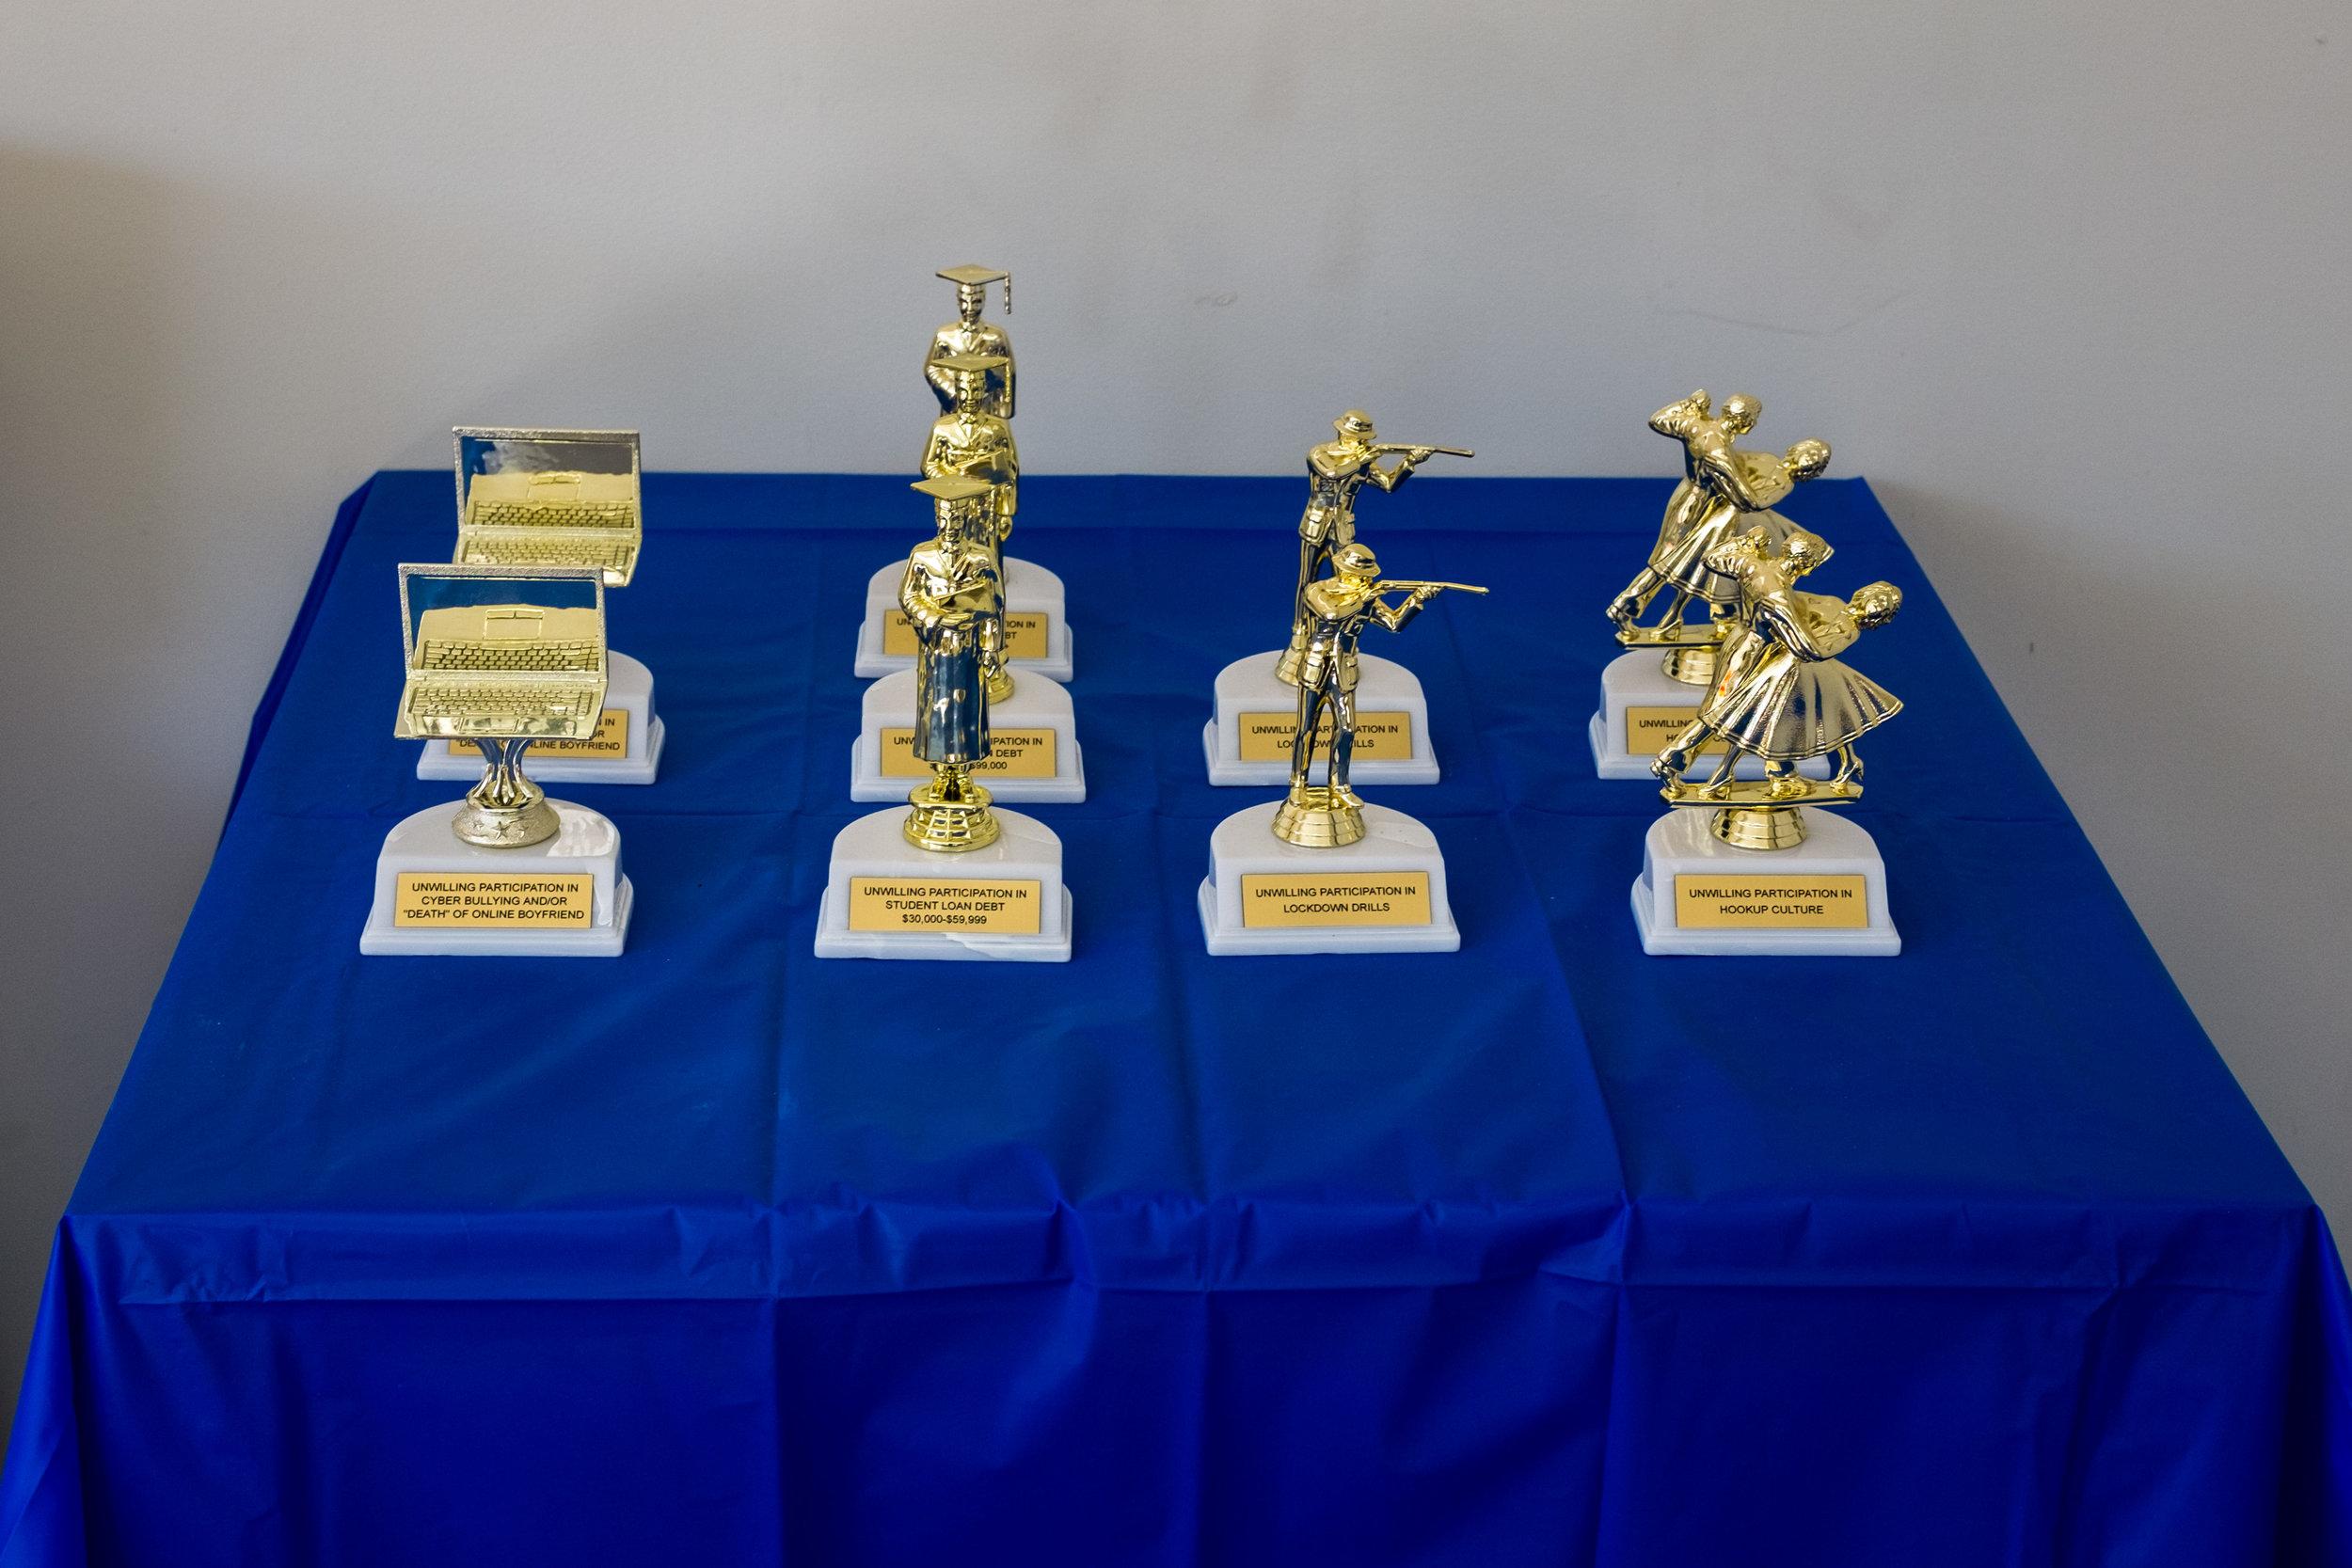 Precious Metals_MJ KATZ_012_Unwilling Participation Trophies.jpg